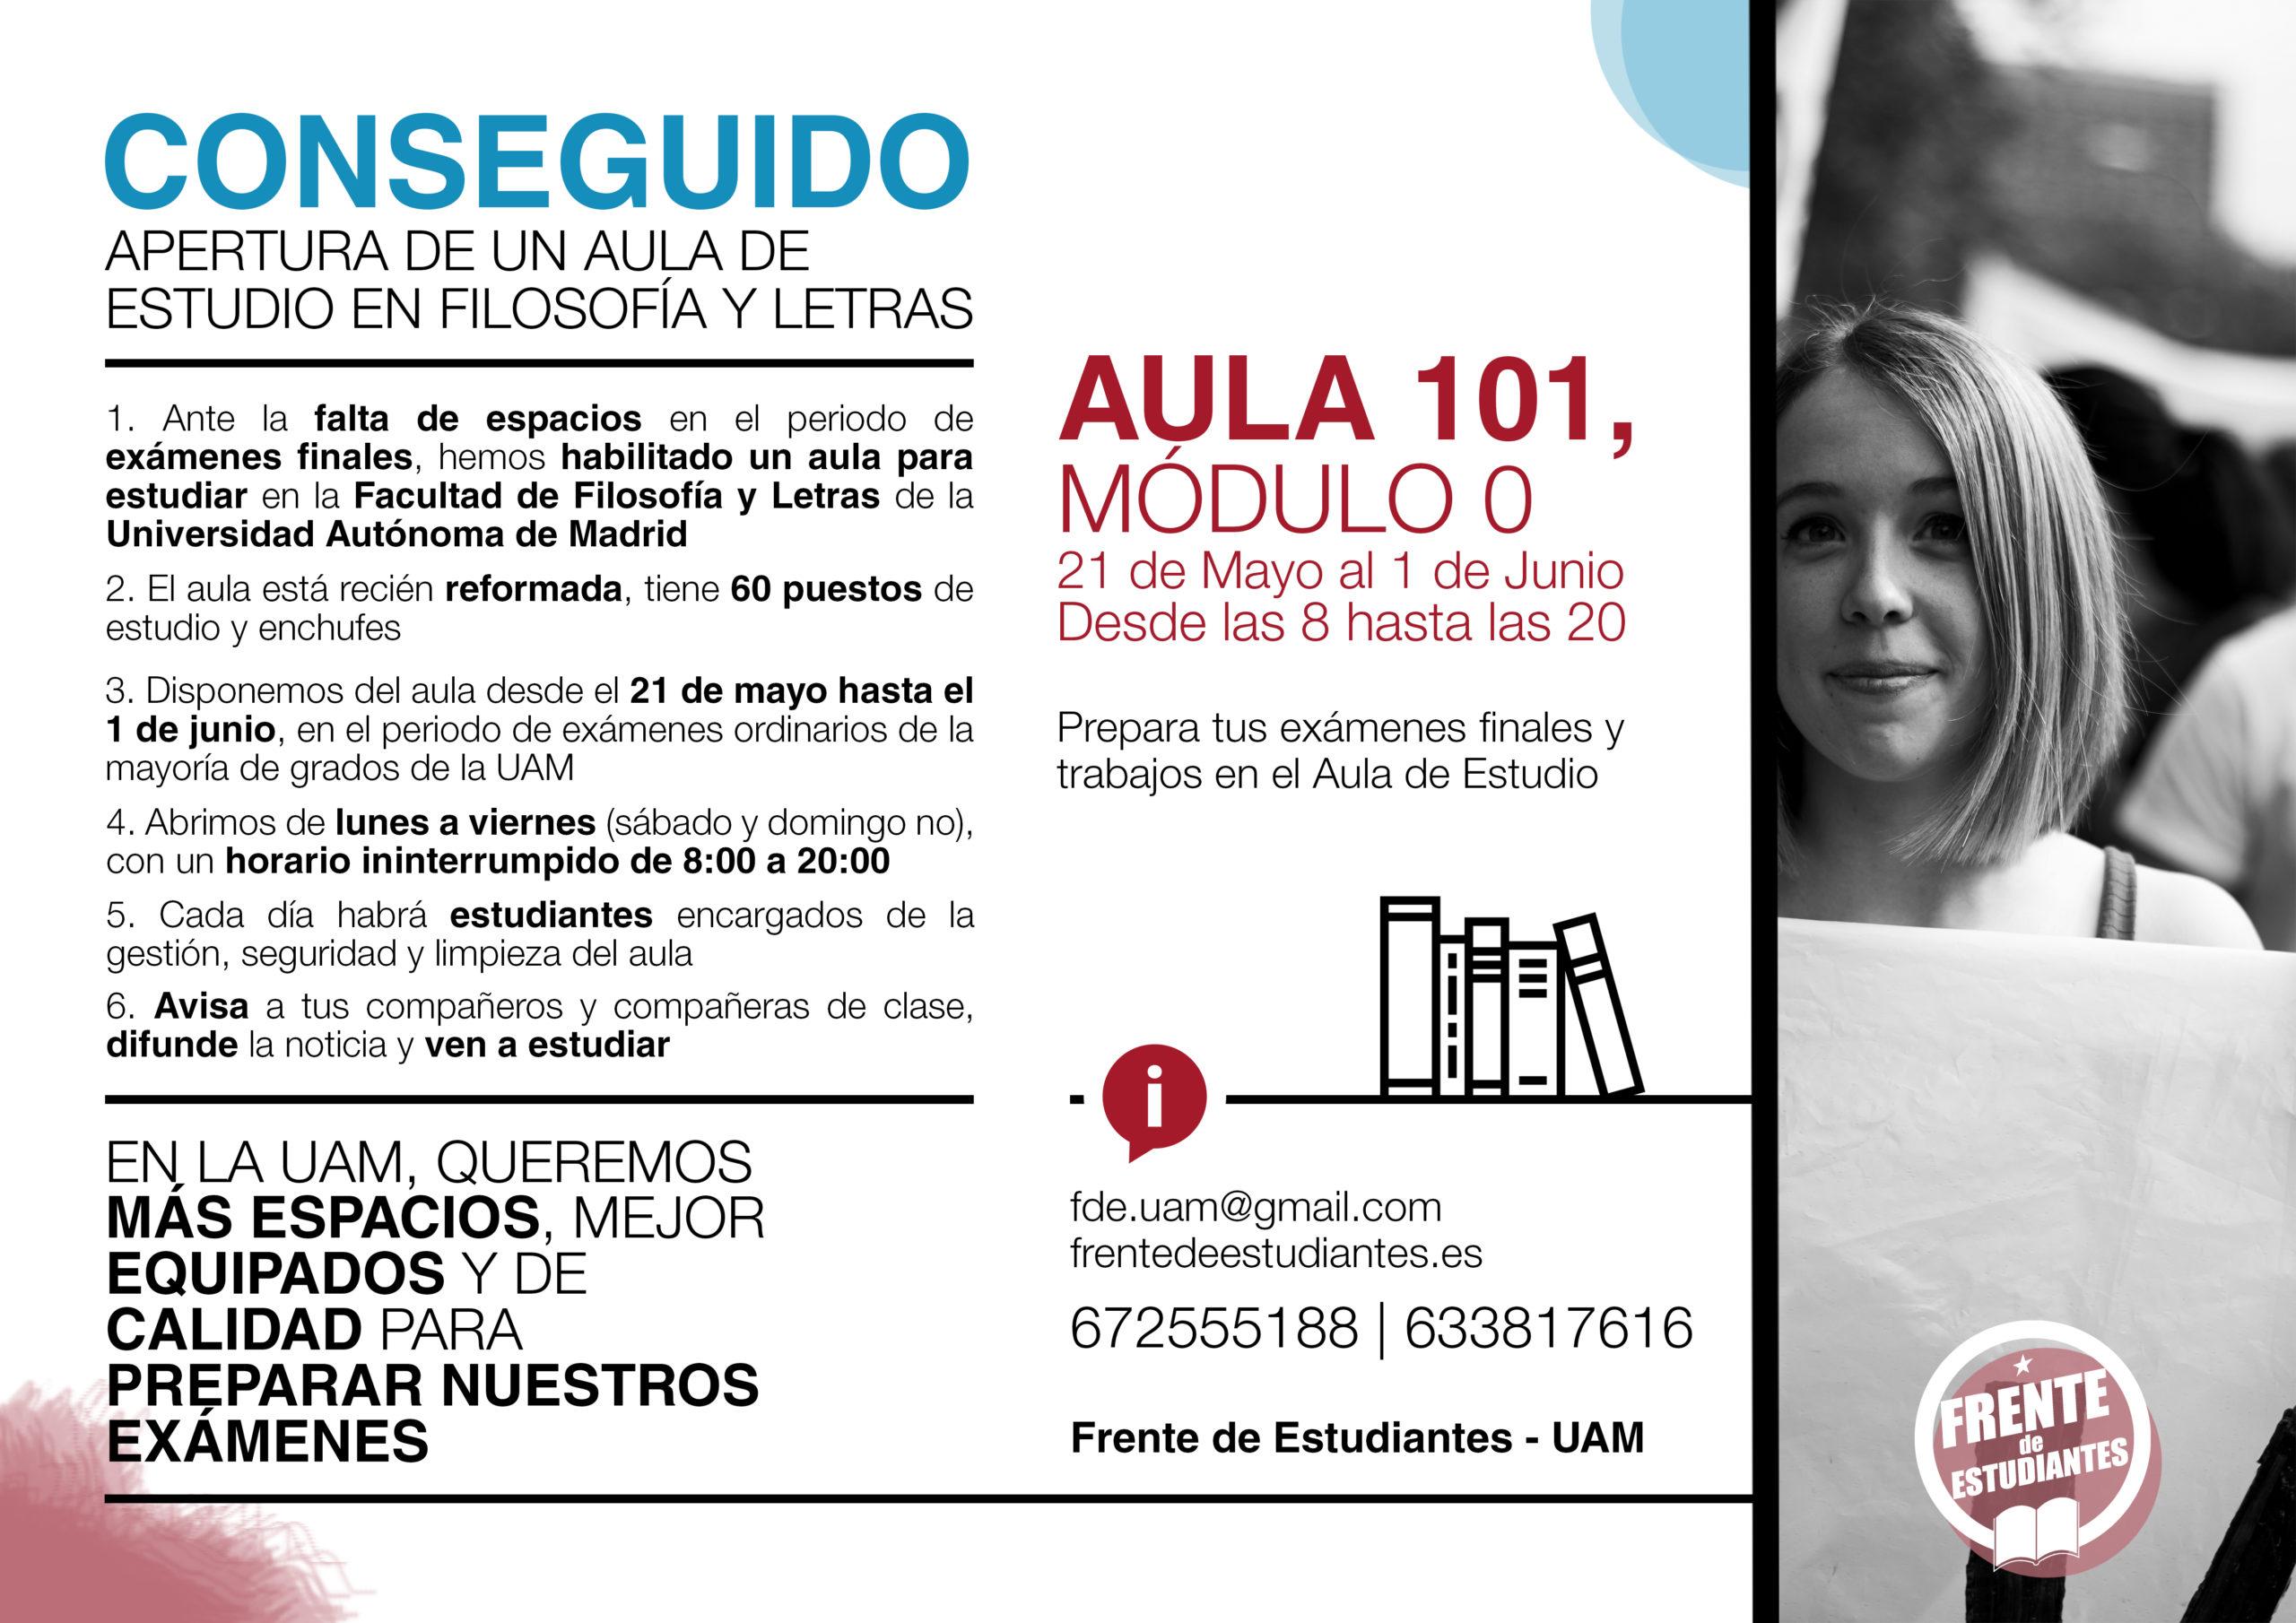 Frente estudiantes UAM Autonoma madrid sindicato